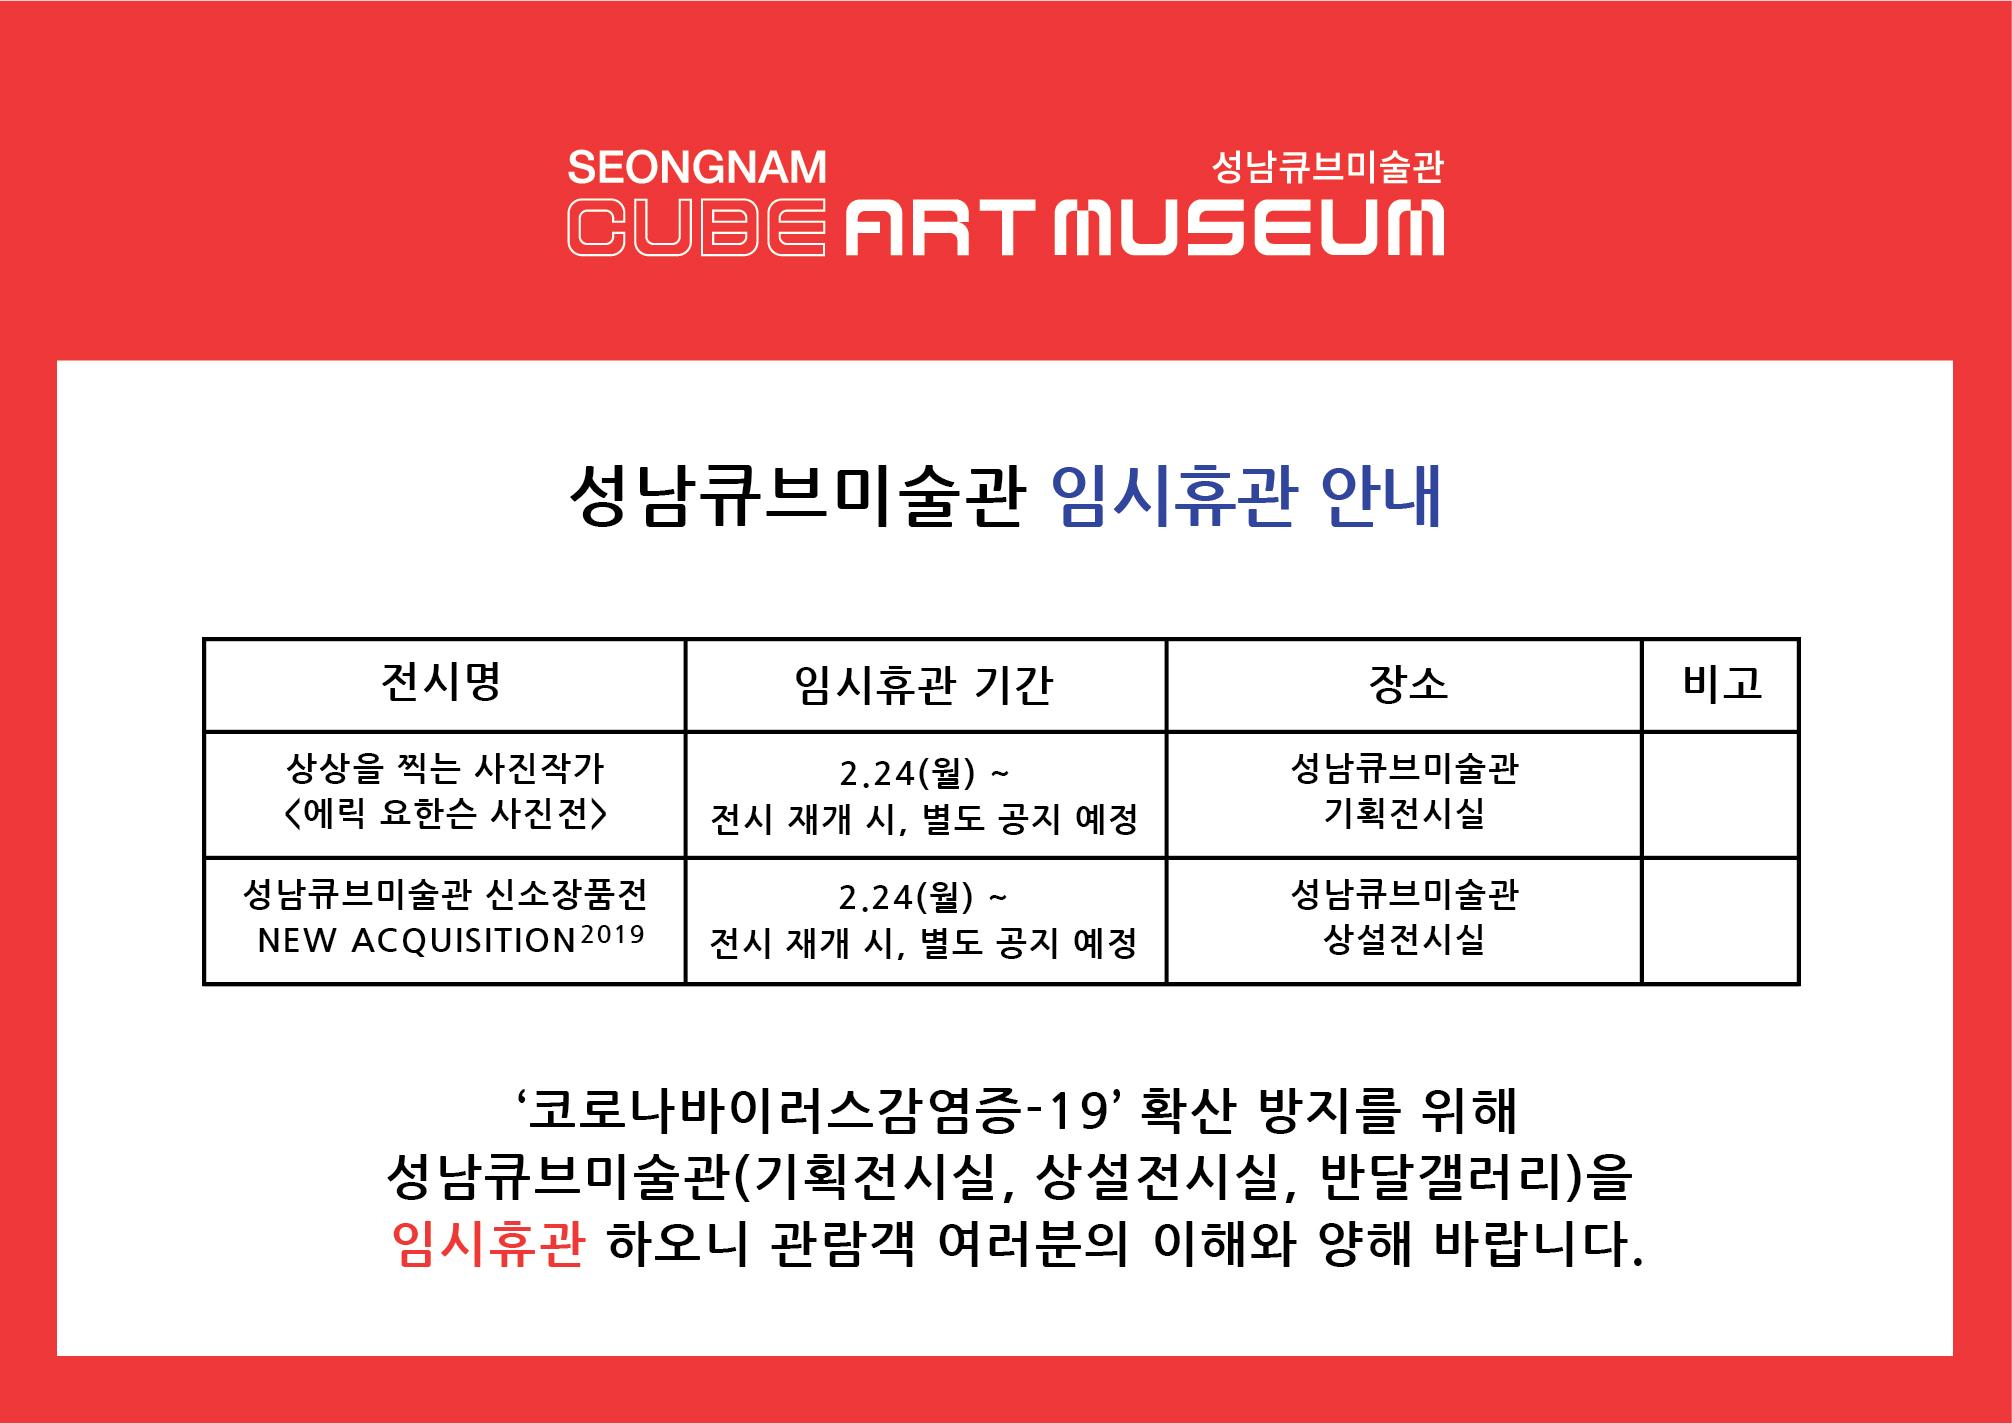 성남큐브미술관 임시휴관 안내